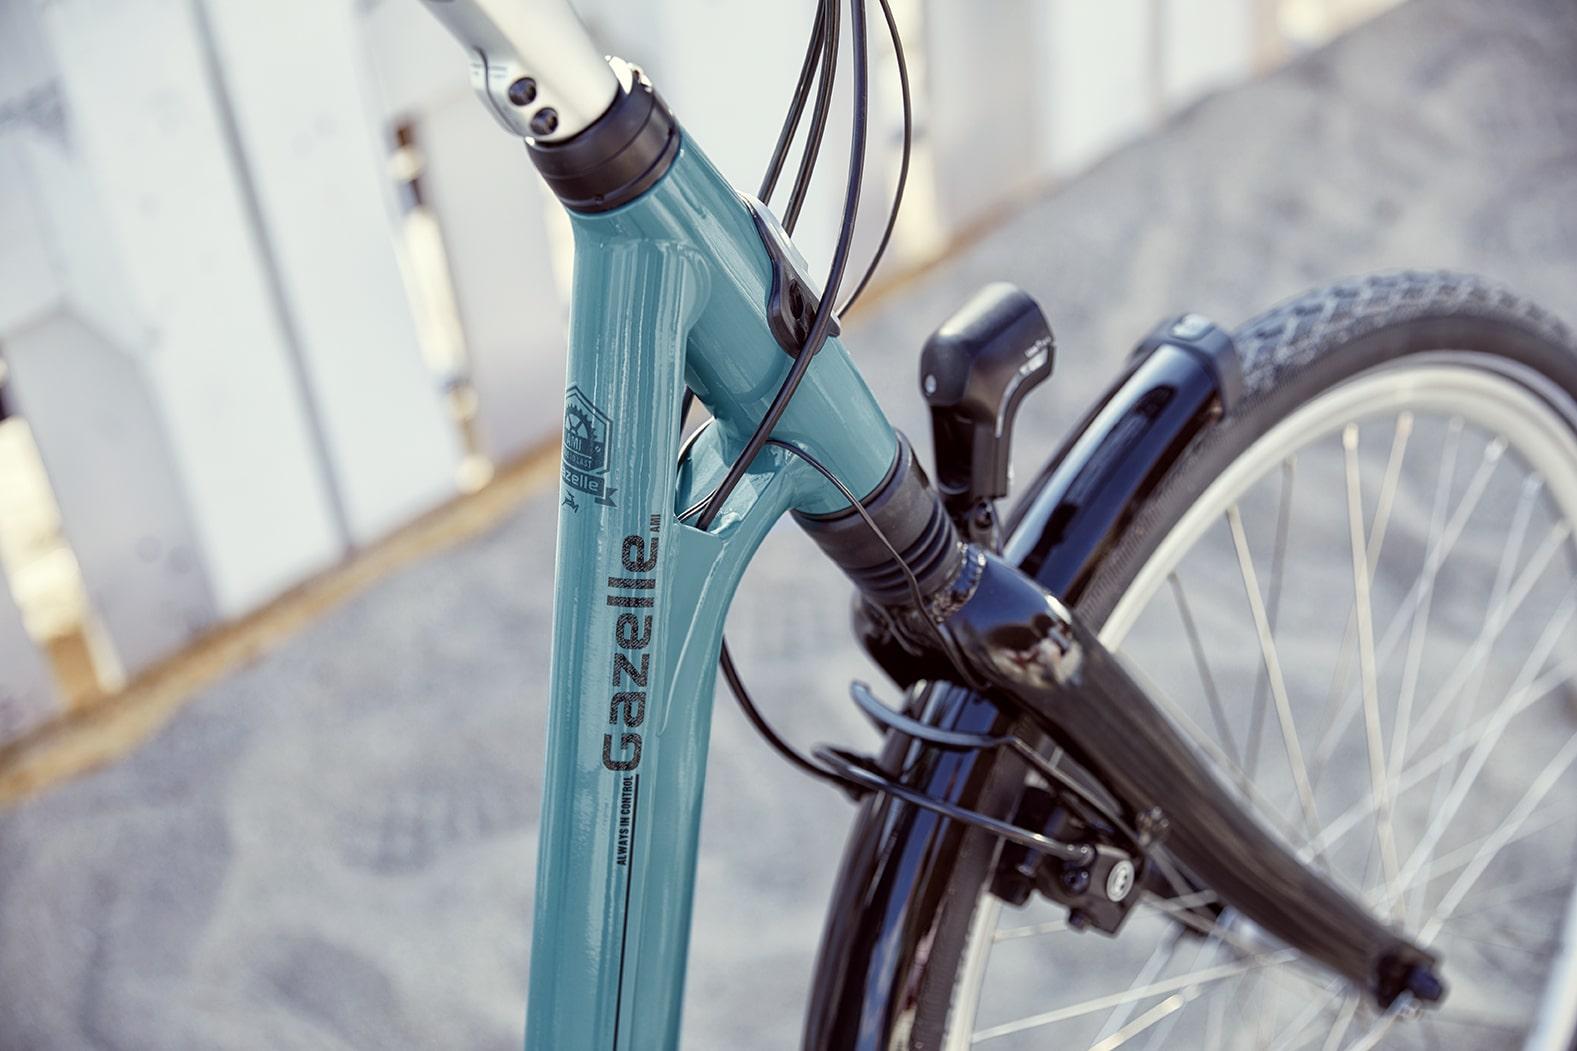 Gazelle el-cykel